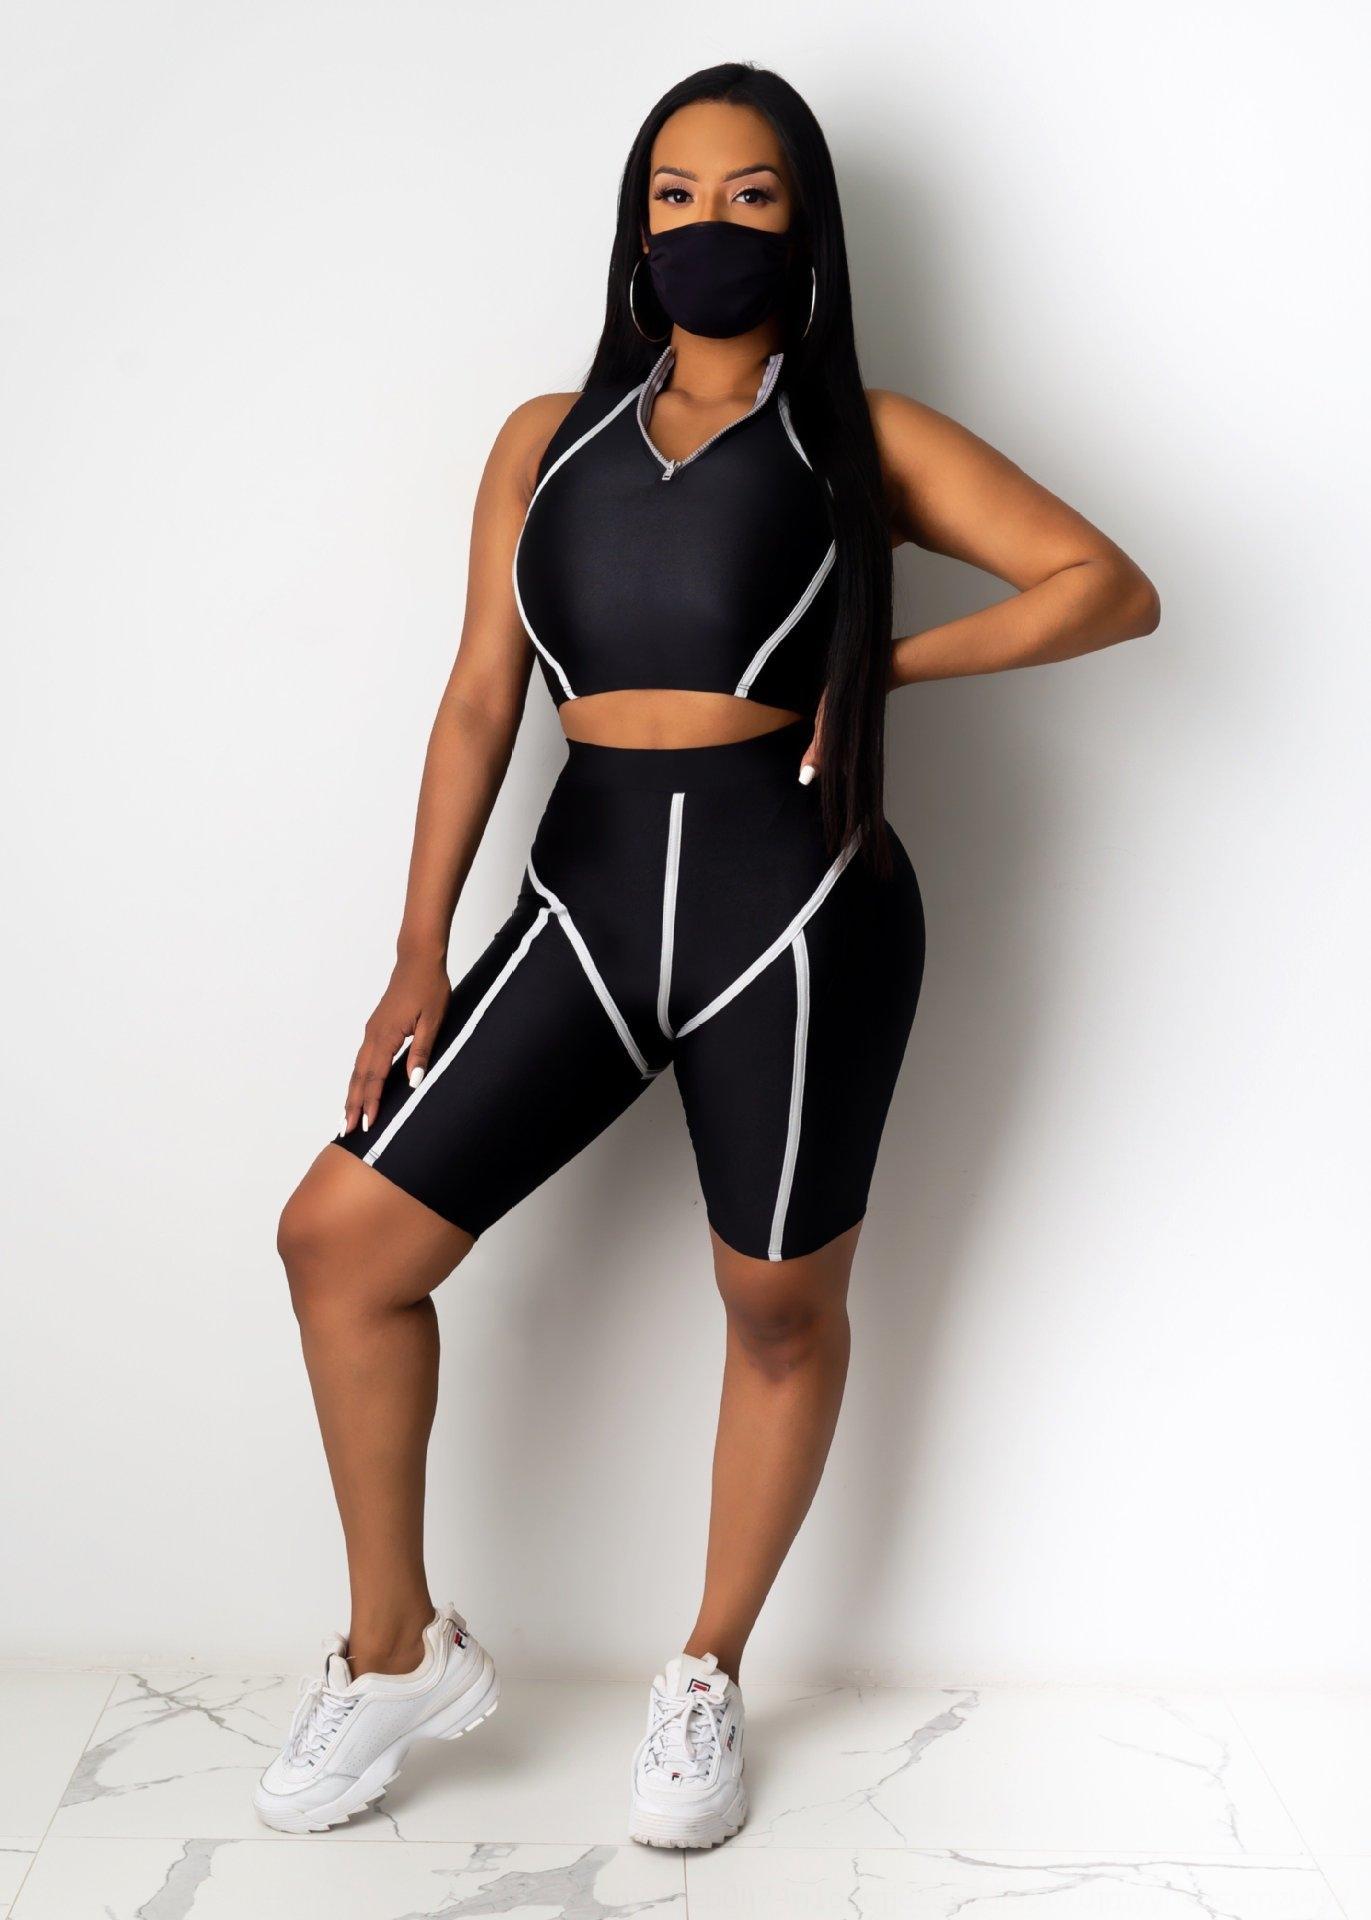 8cqLe 8442 été 2020 WIS Set Top pantalon et un pantalon pantalon masque de couleur trois pièce de femmes de haut niveau solide